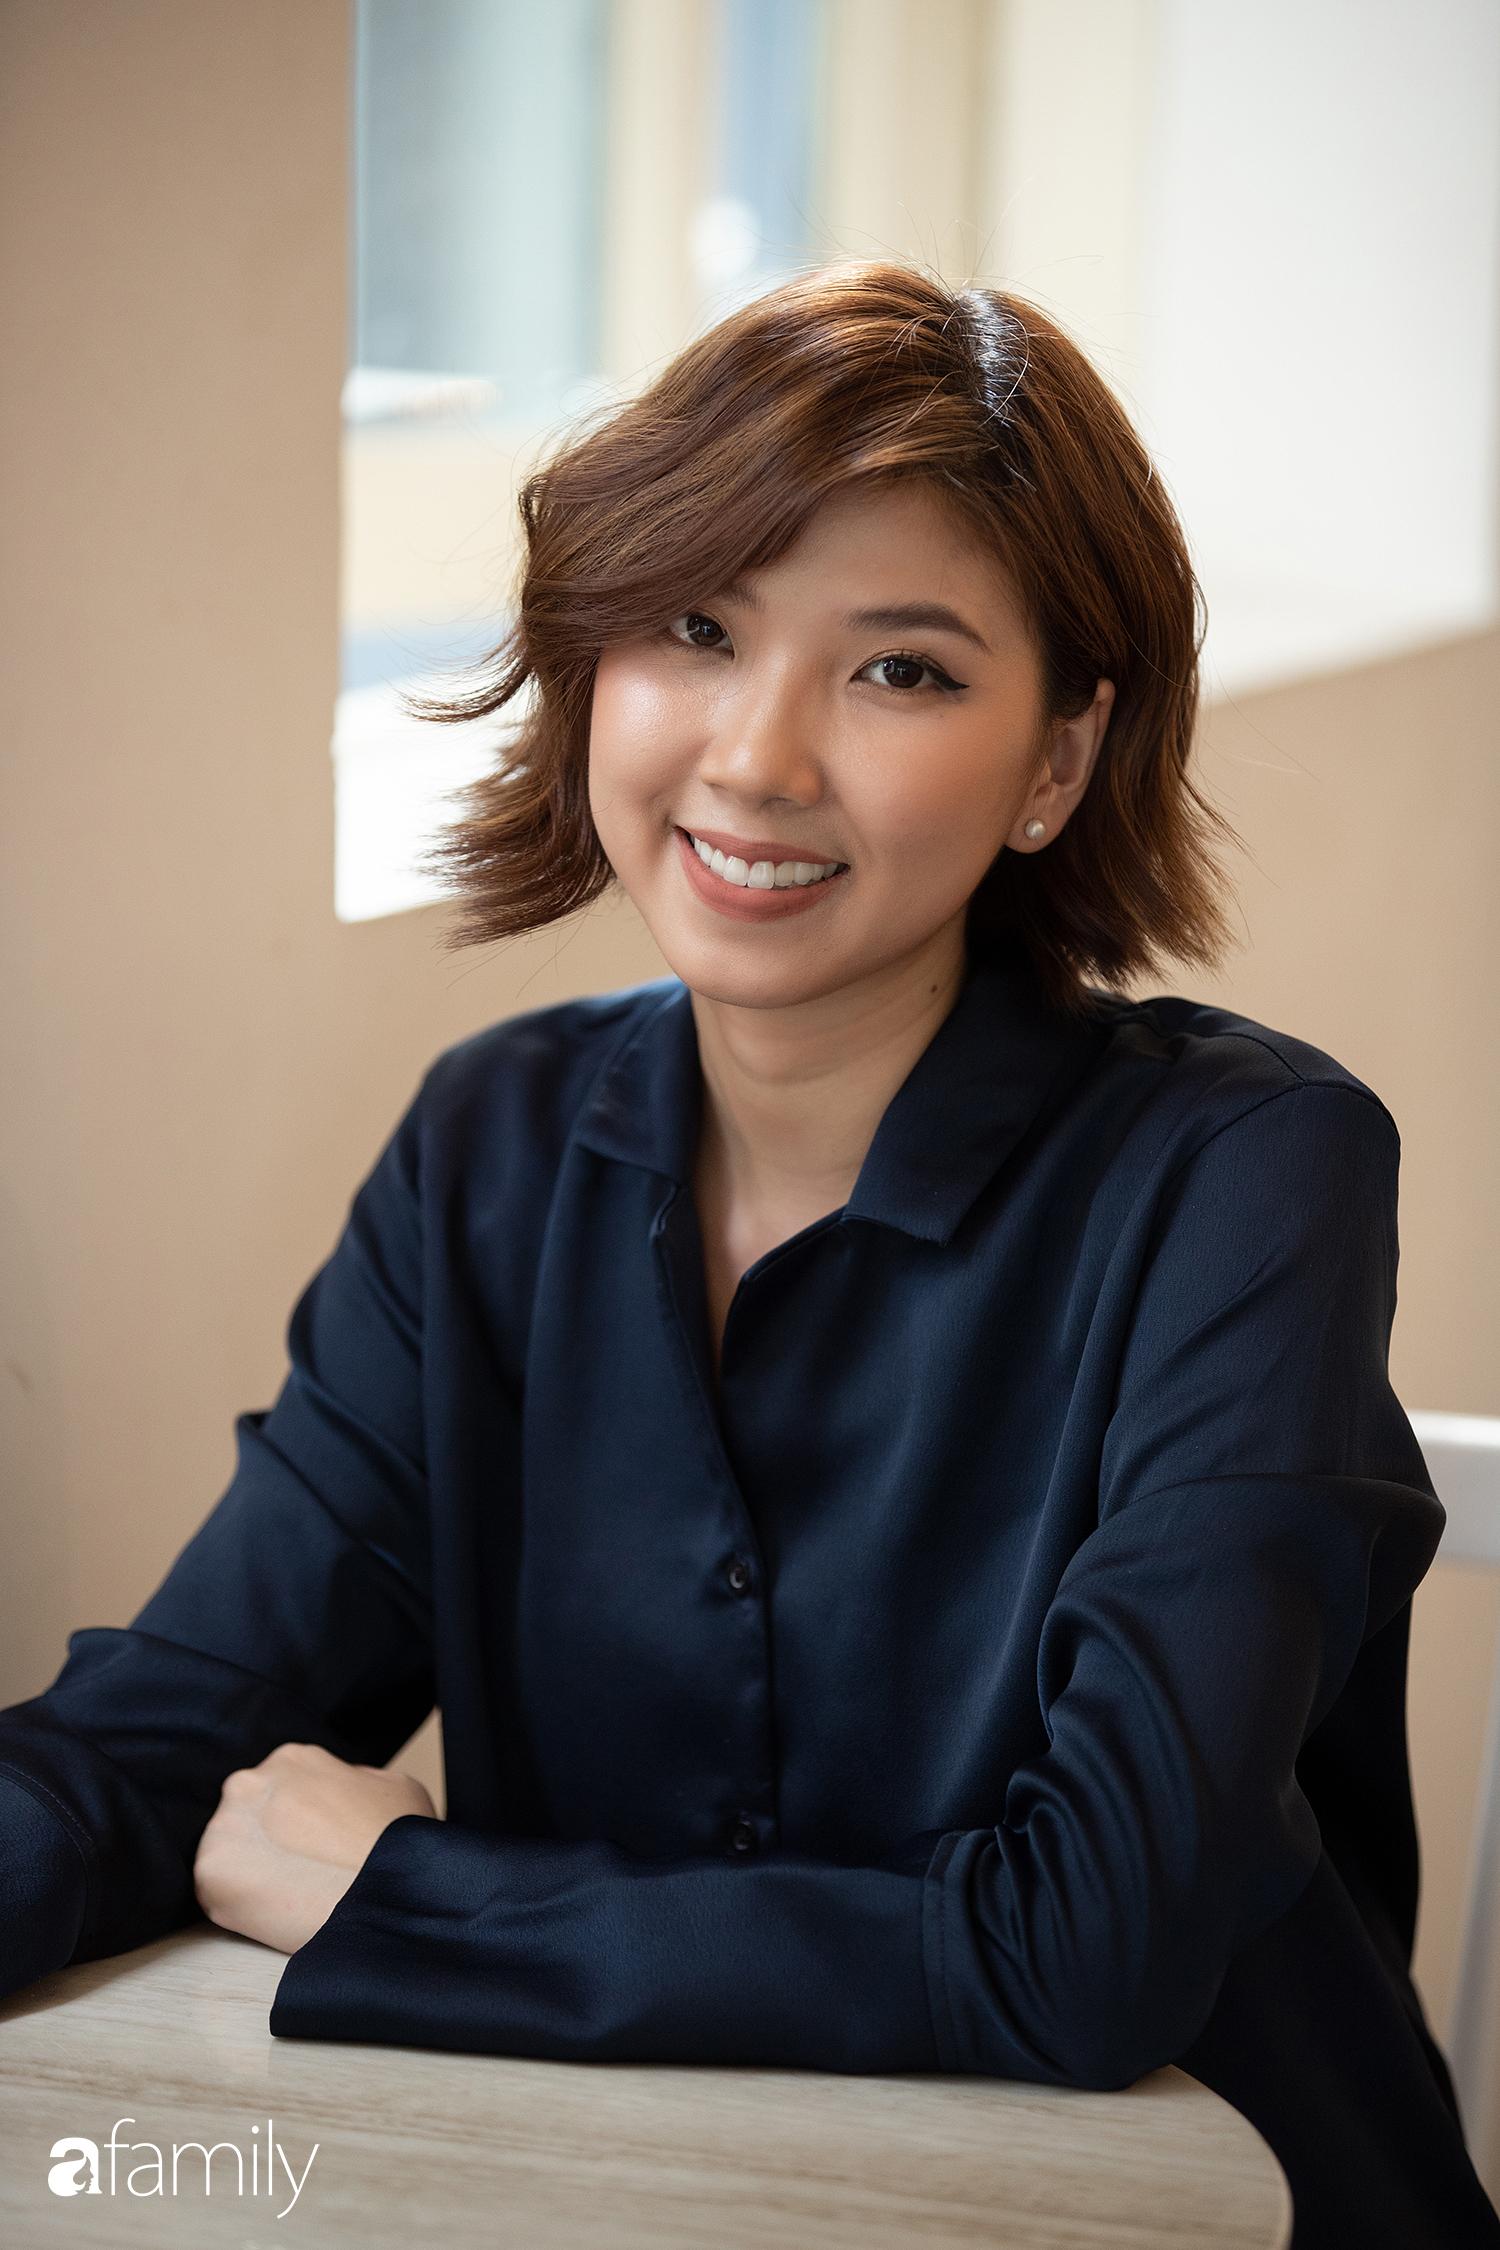 Rei Nguyễn - Nghệ sĩ nước hoa người Việt đầu tiên tổ chức triển lãm tại Nhật Bản, từ bỏ nghề Ngân hàng để được cháy hết mình trong thế giới mùi hương - Ảnh 18.